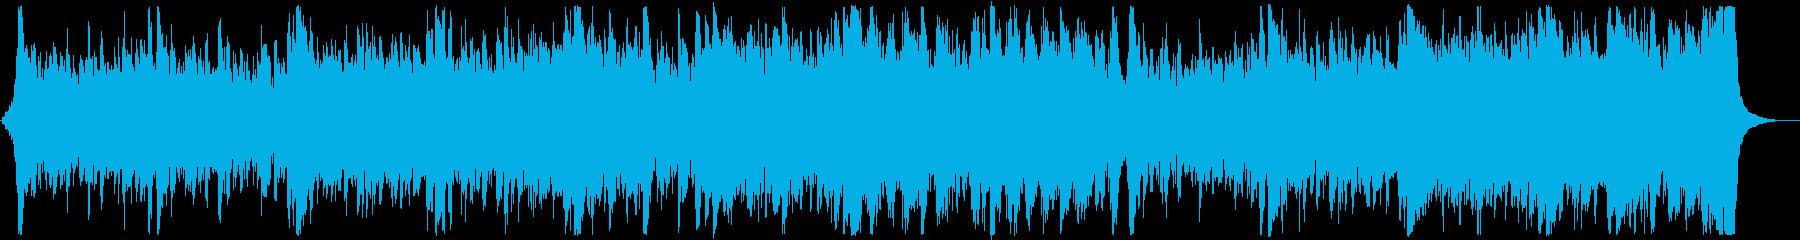 和風・和楽器・忍者エピック:三味線抜きの再生済みの波形